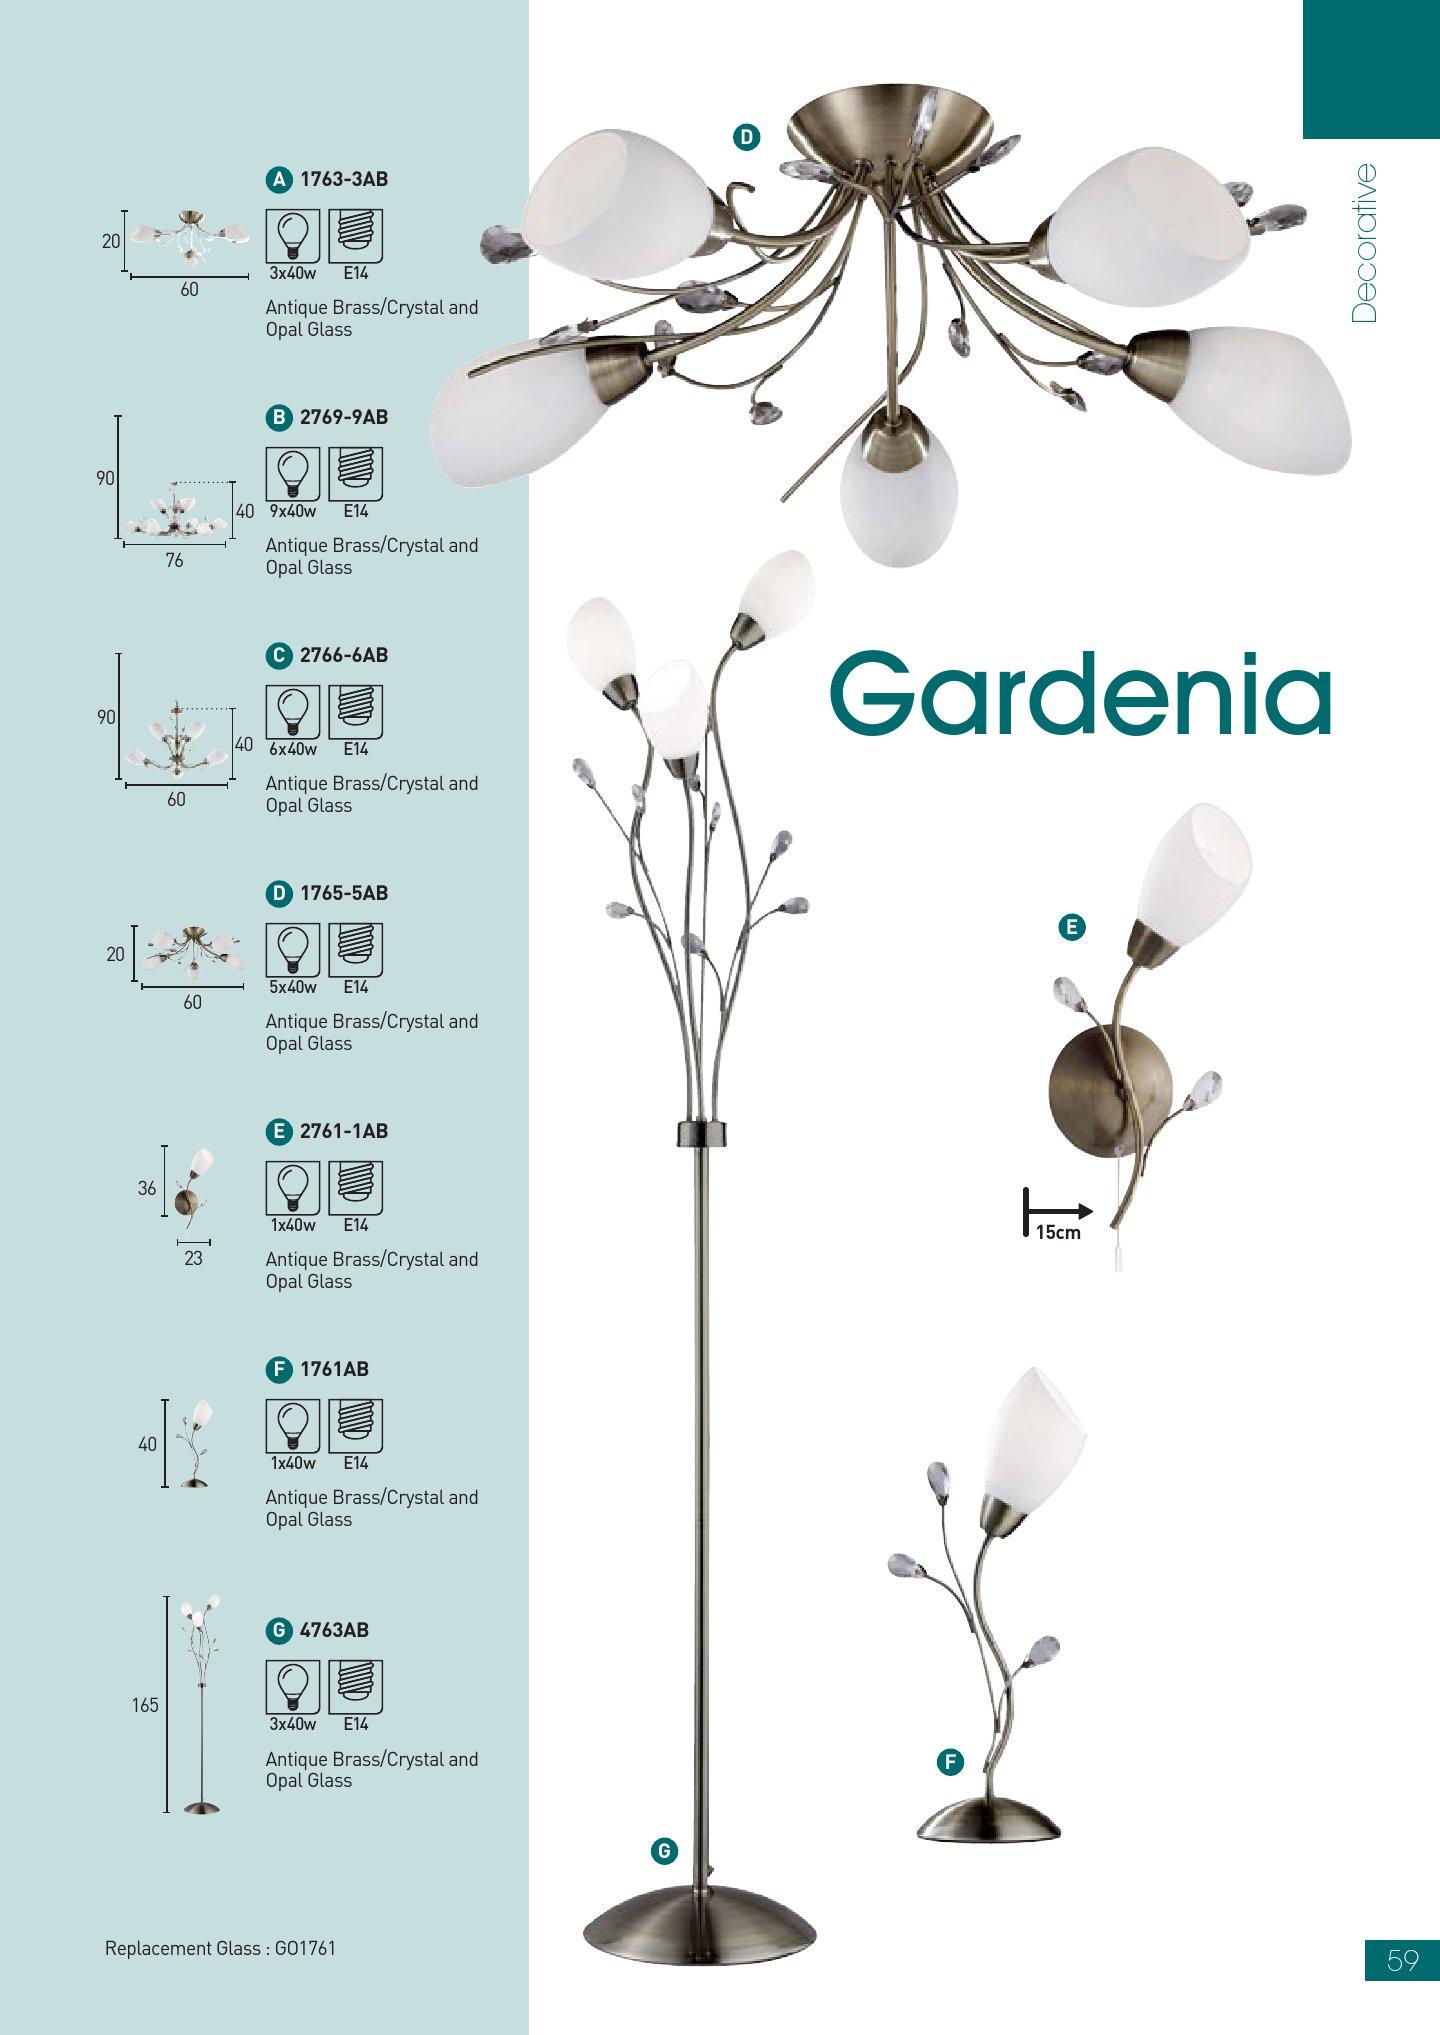 Gardenia EU1761AB Latón